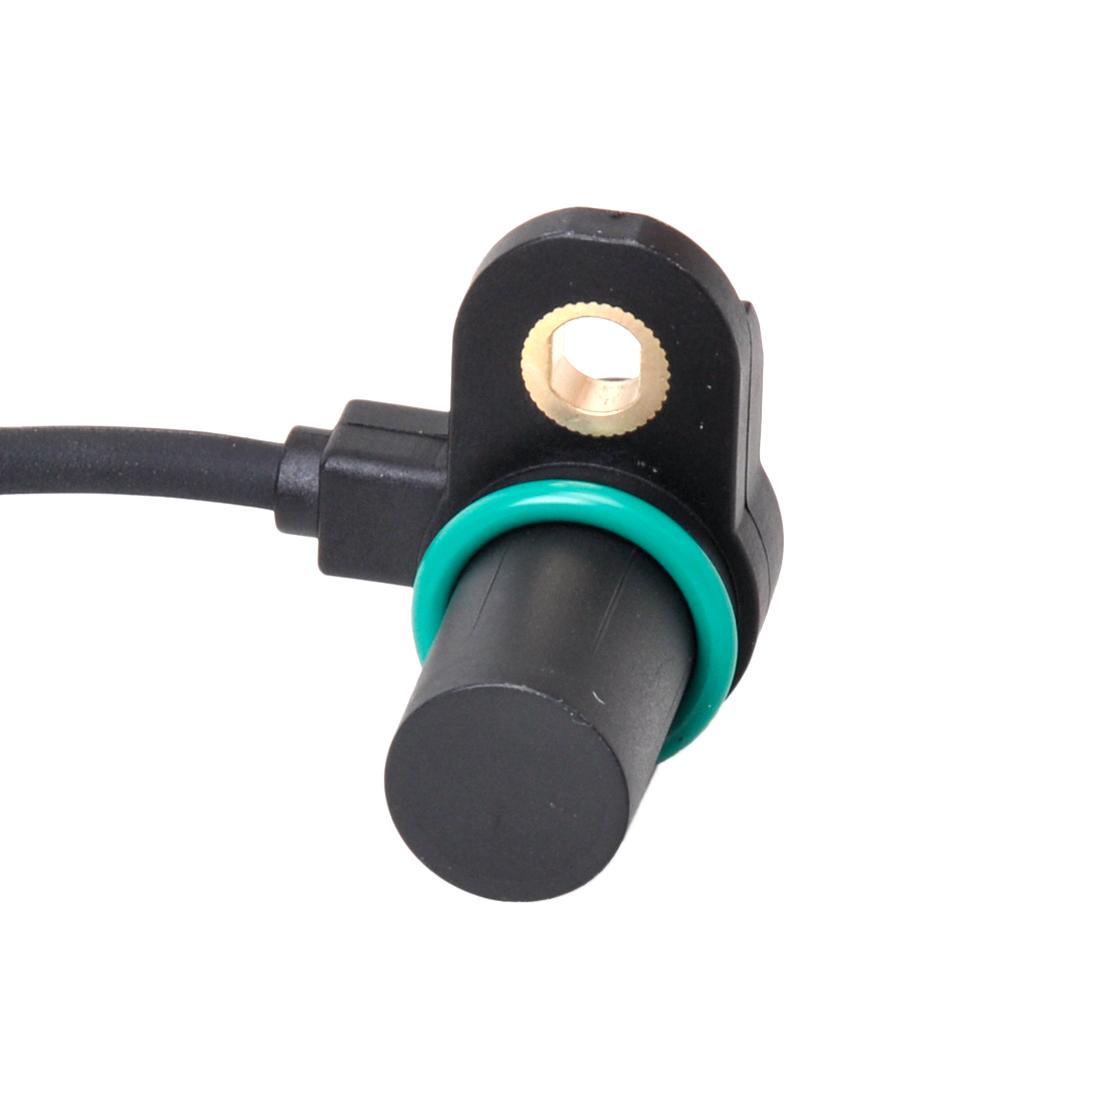 Cam Camshaft Position Sensor Intake Cps For Bmw E39 E46 E53 E60 12147539165